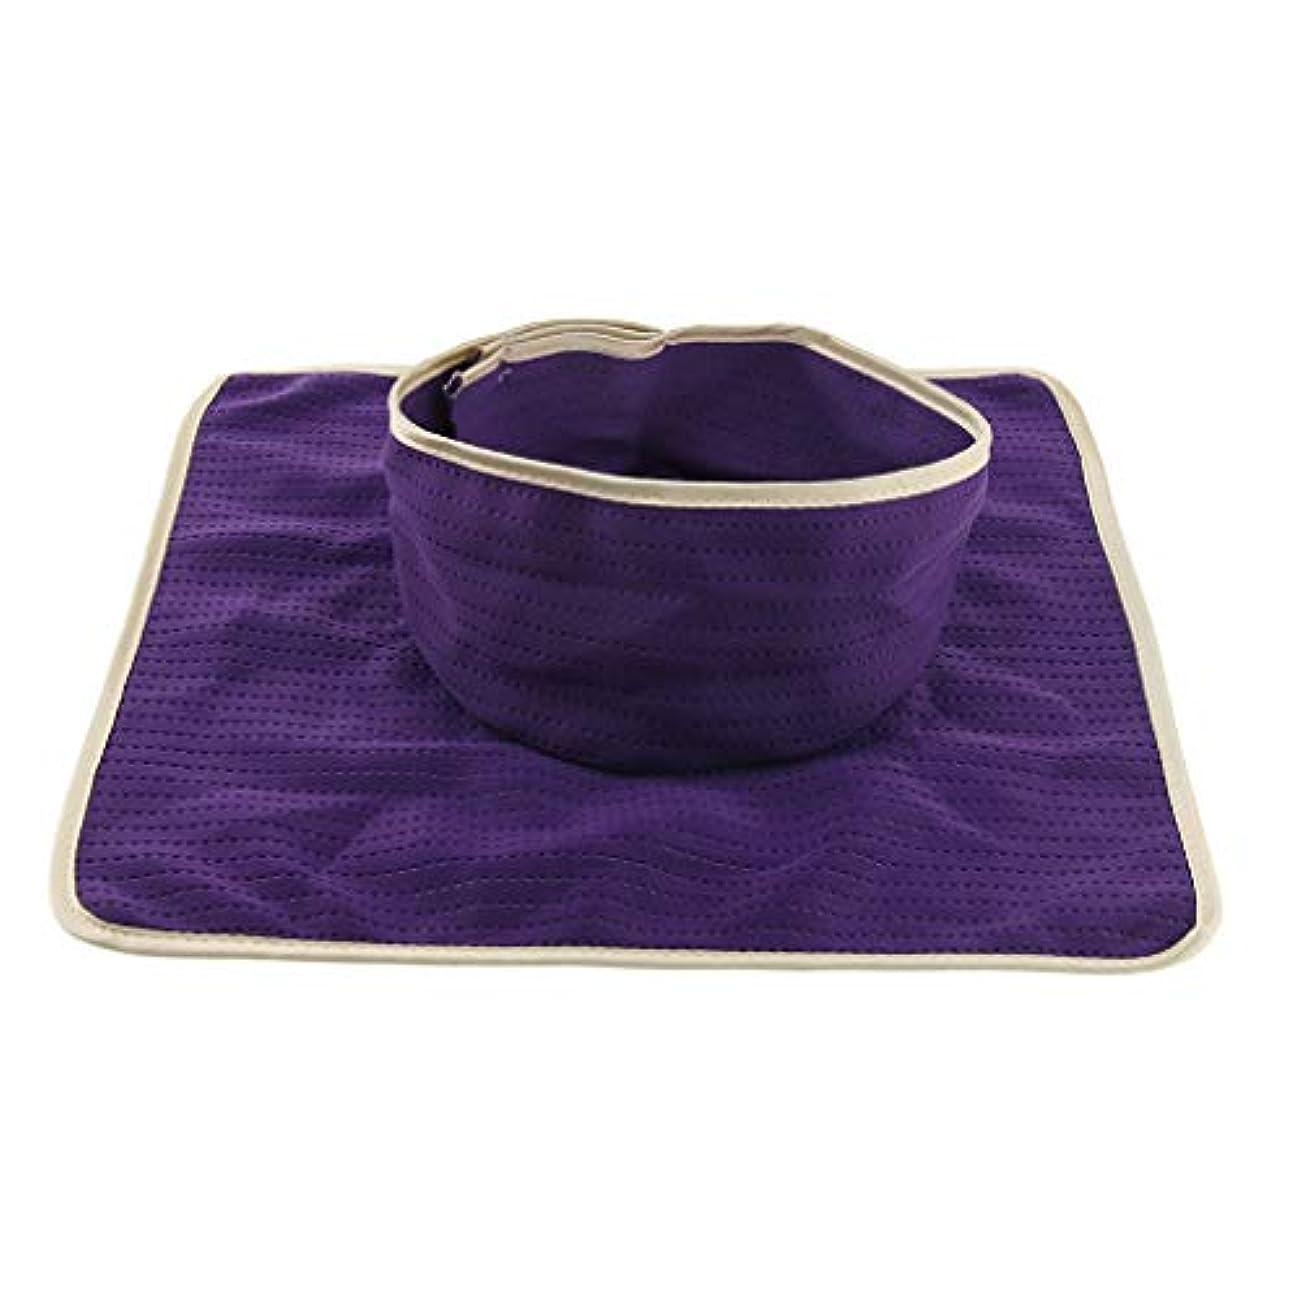 ツインヘクタール早くマッサージのベッド用 パッド マットシート 顔の穴付き 洗える 約35×35cm 全3色 - 紫